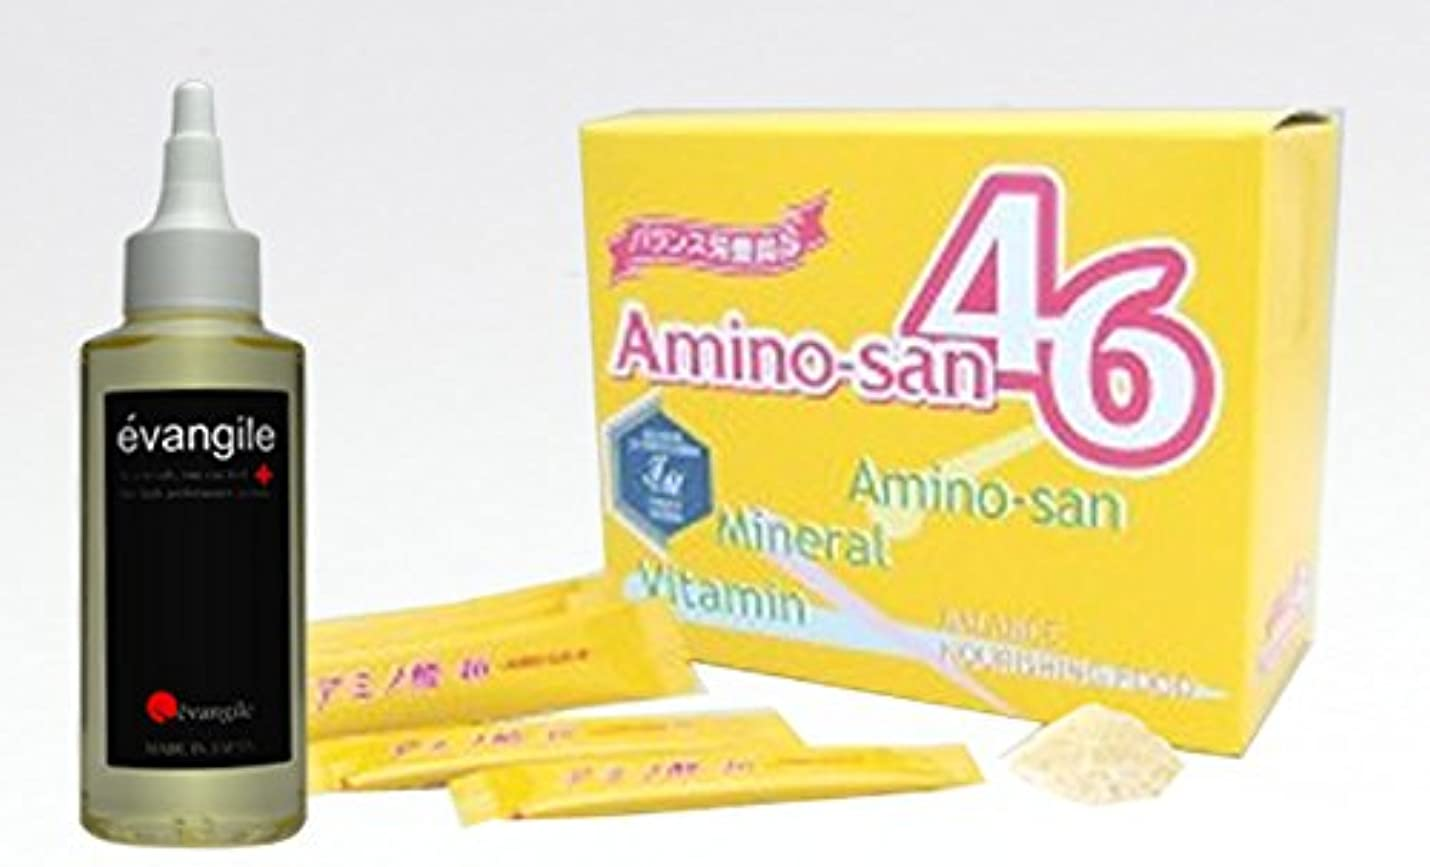 欲しいです取り組むその他薬用育毛剤エヴァンジル(100ml)+アミノ酸46(1箱)セット:サロン店販品育毛剤 発毛剤 育毛剤 男性用 女性用育毛剤とローヤルゼリー の3倍の栄養価 ポーレン含有 サプリメントのセット